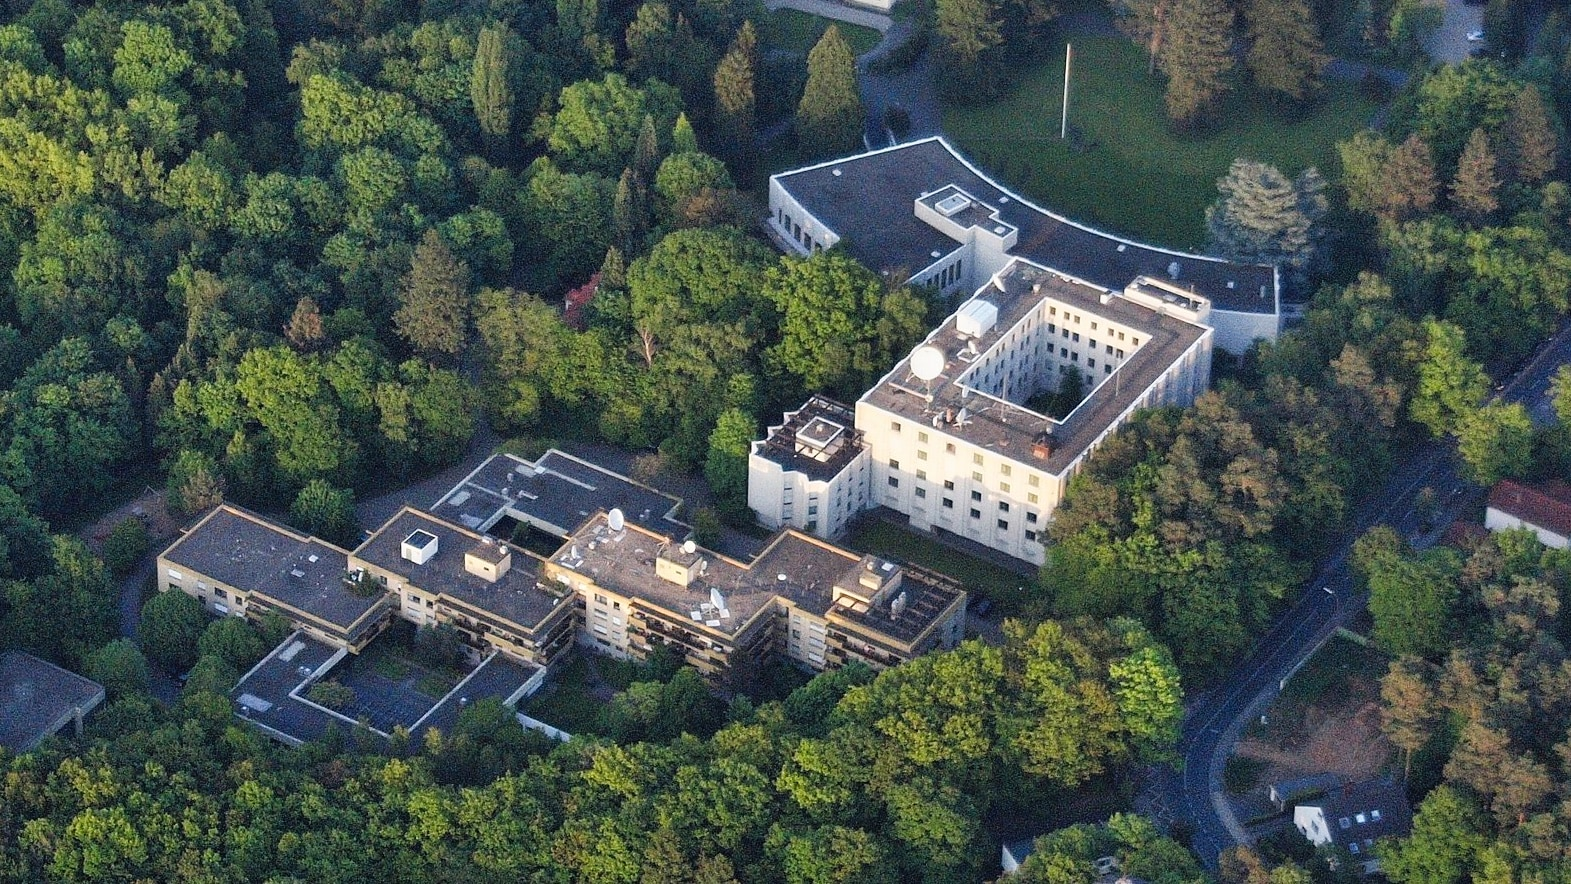 Viktorshöhe Bonn Generalkonsulat der Russischen Föderation Bild: Wolkenkratzer CC BY-SA 3.0